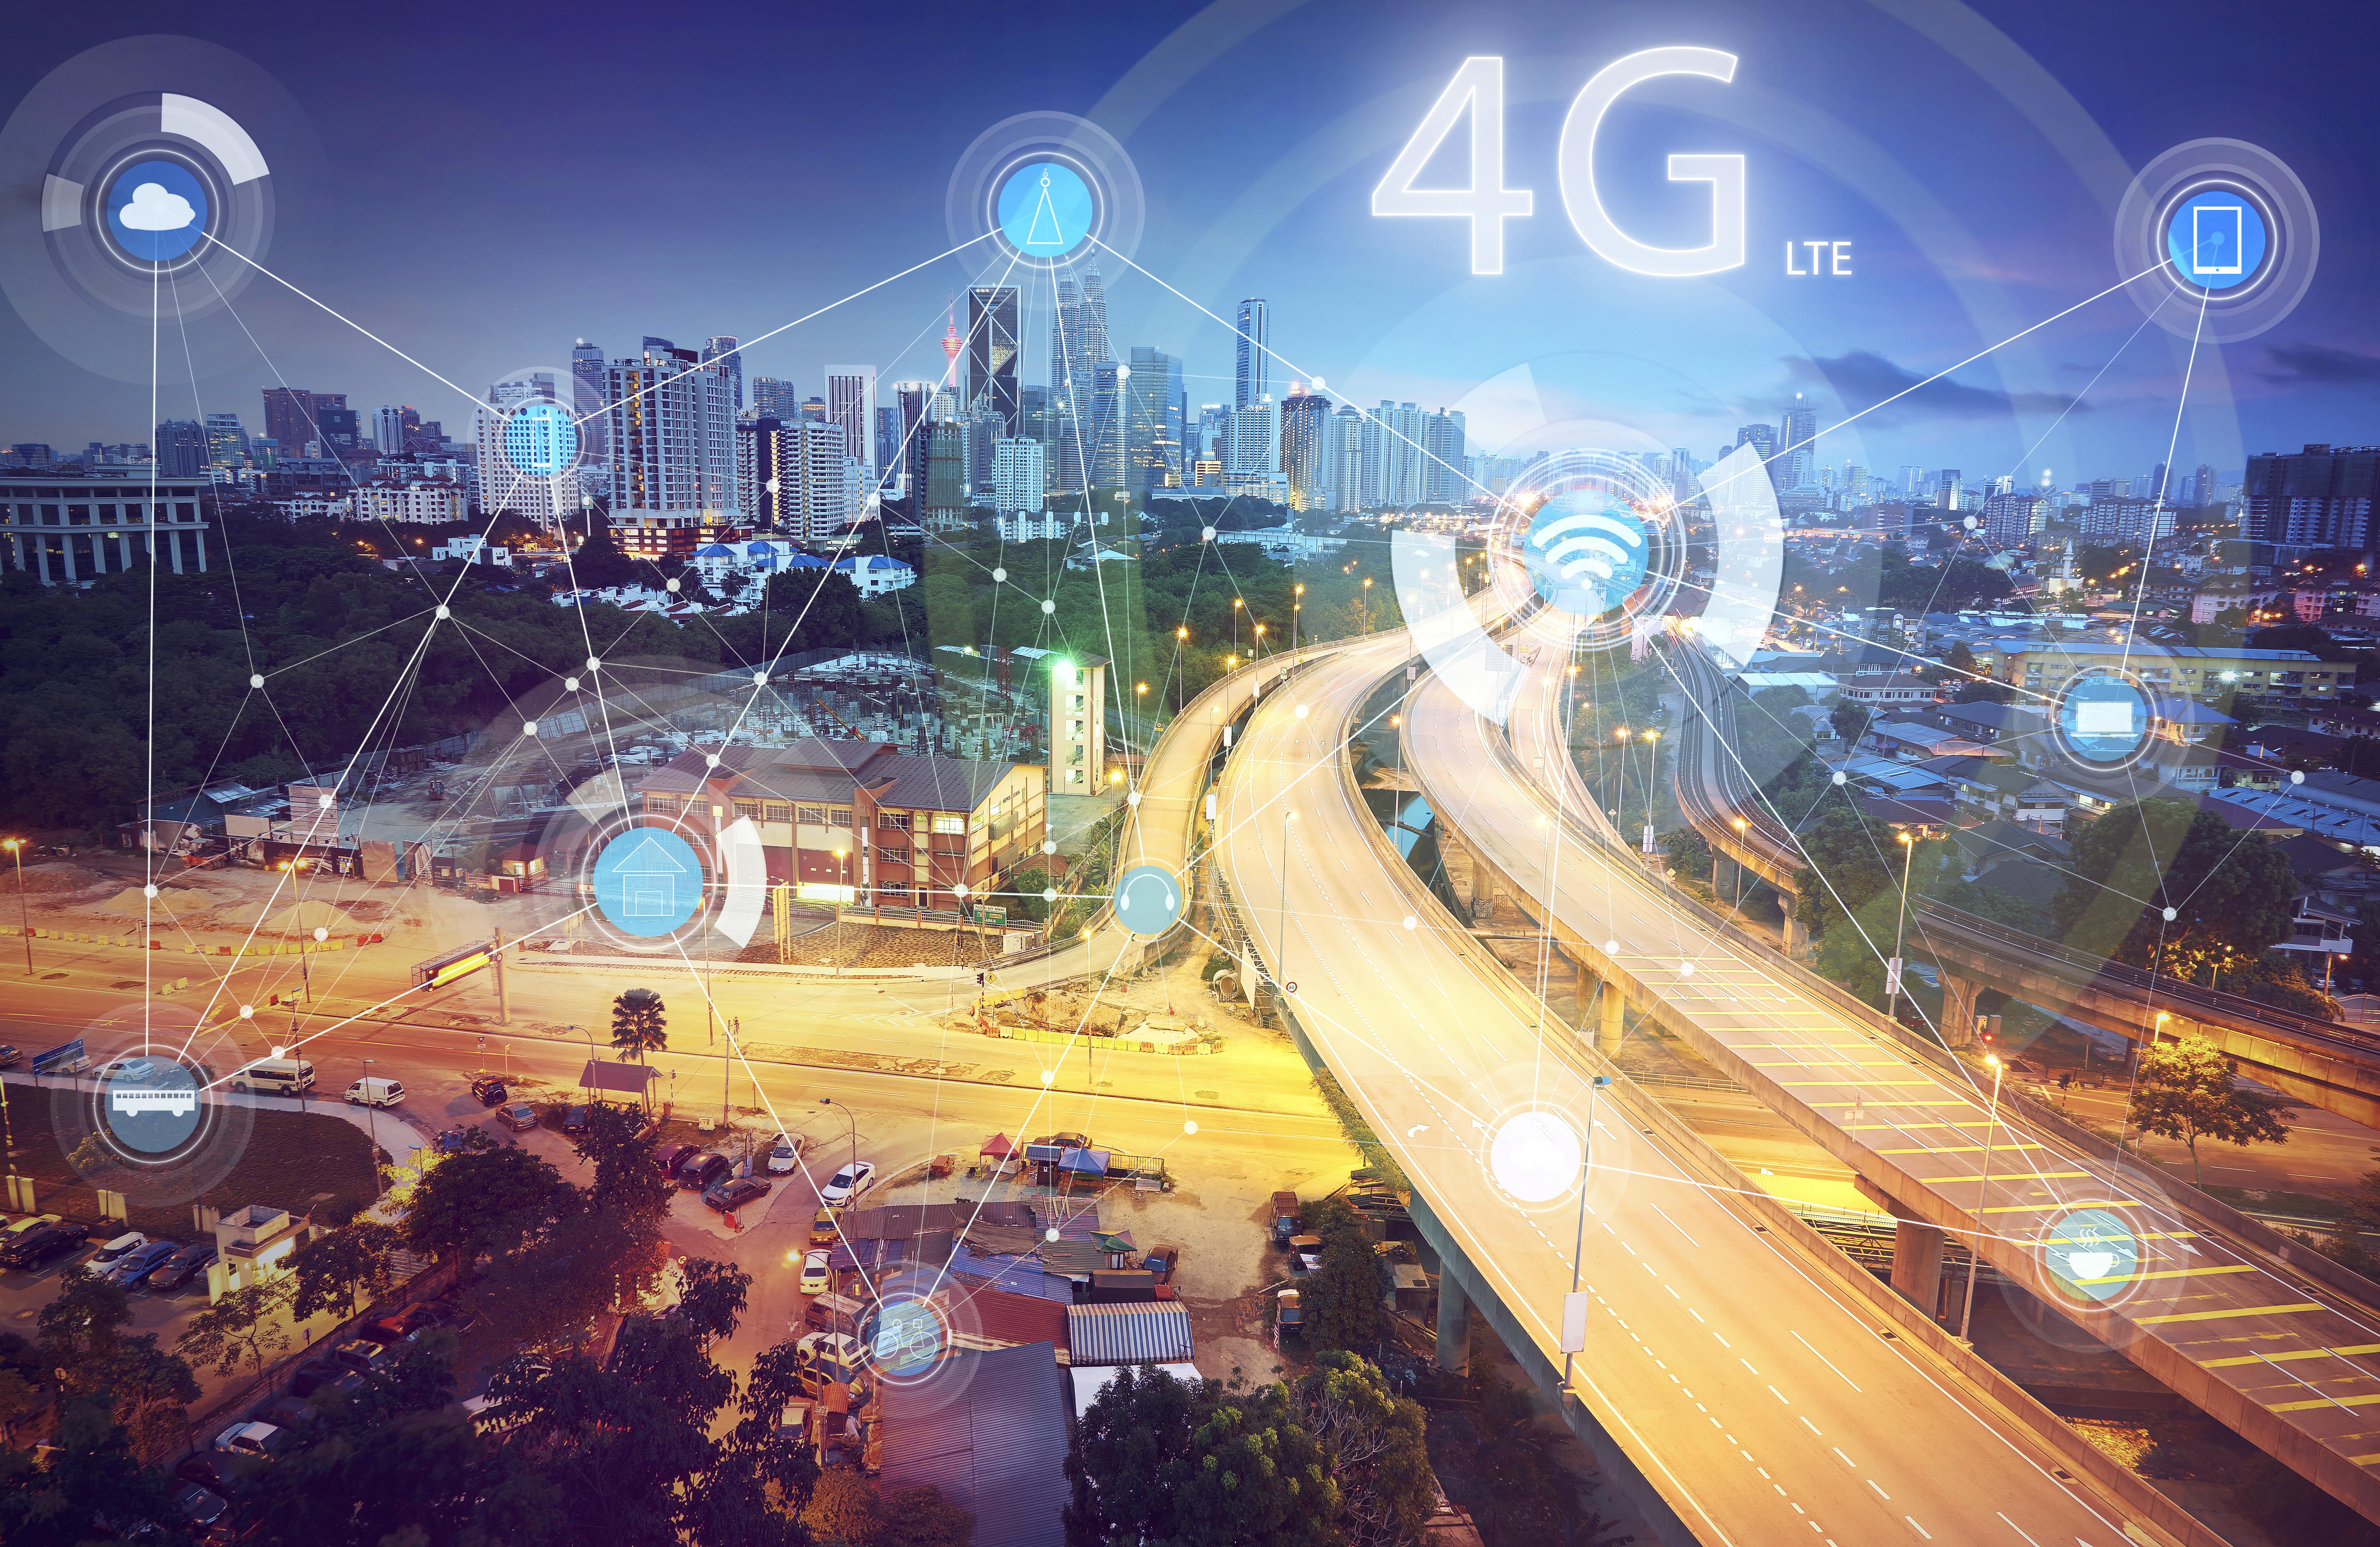 4G LTE City VoLTE